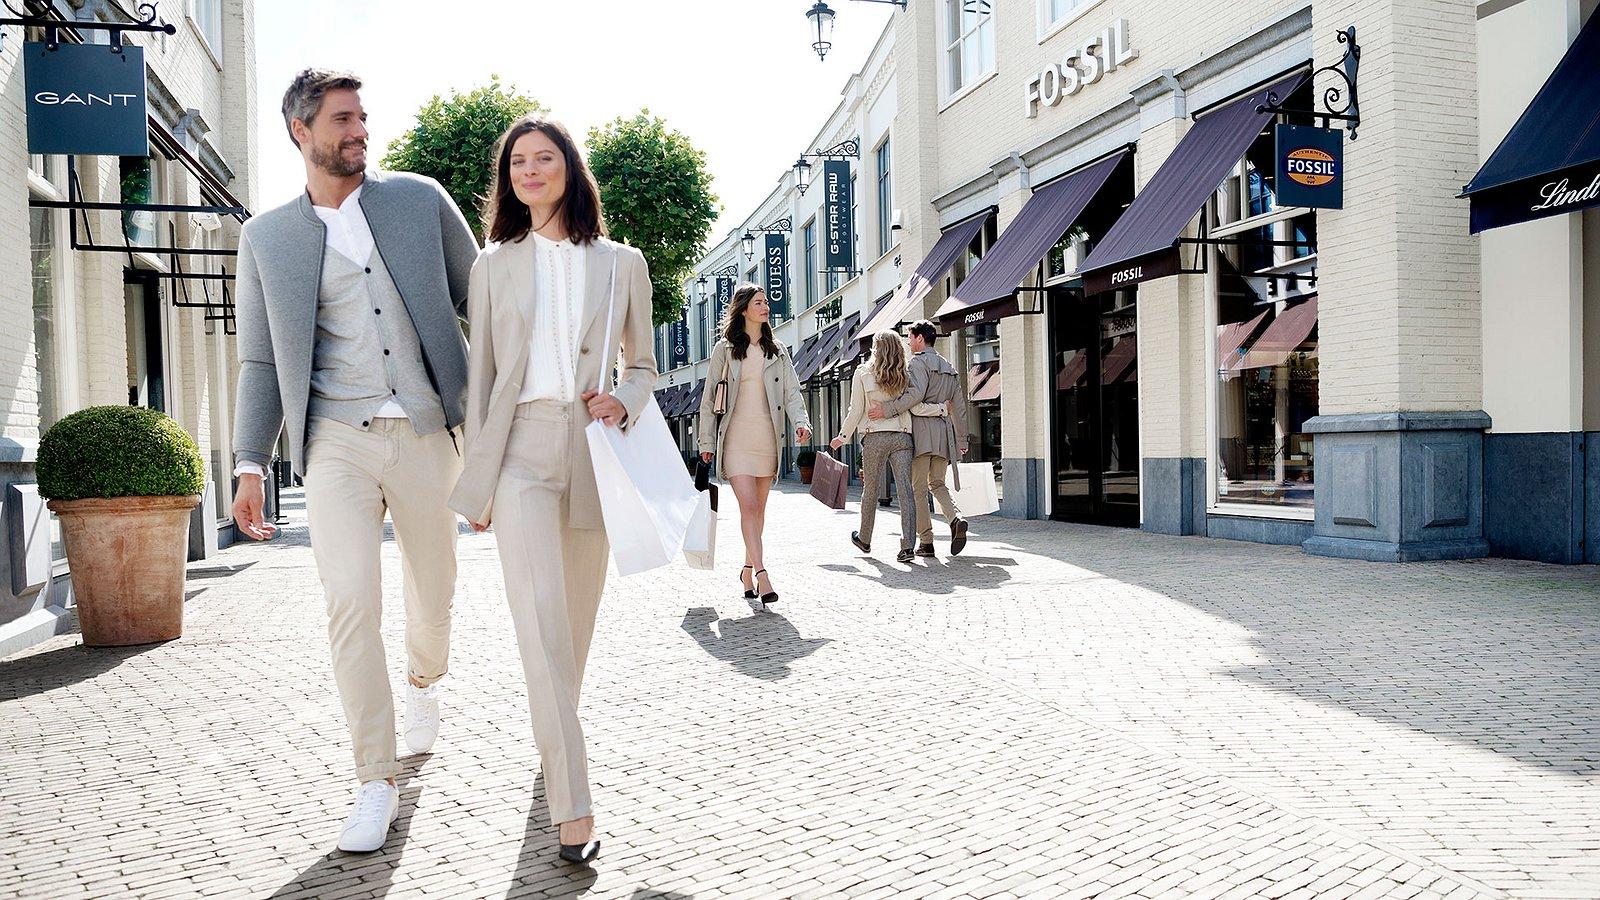 Keurig koopjesjagen | Batavia Stad viert uitbreiding en flinke facelift